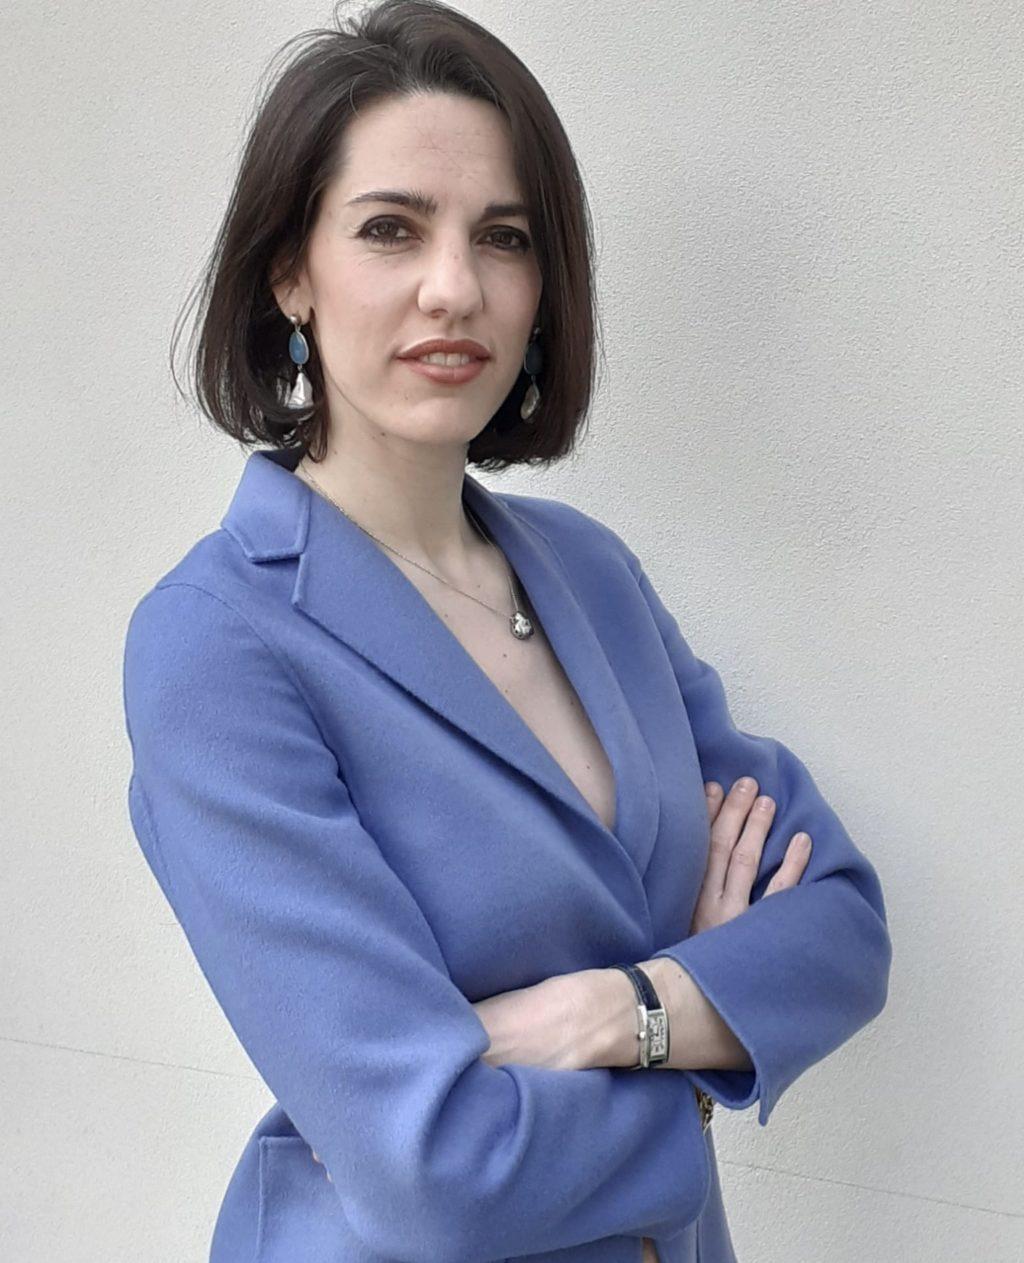 Ludovica Codecasa